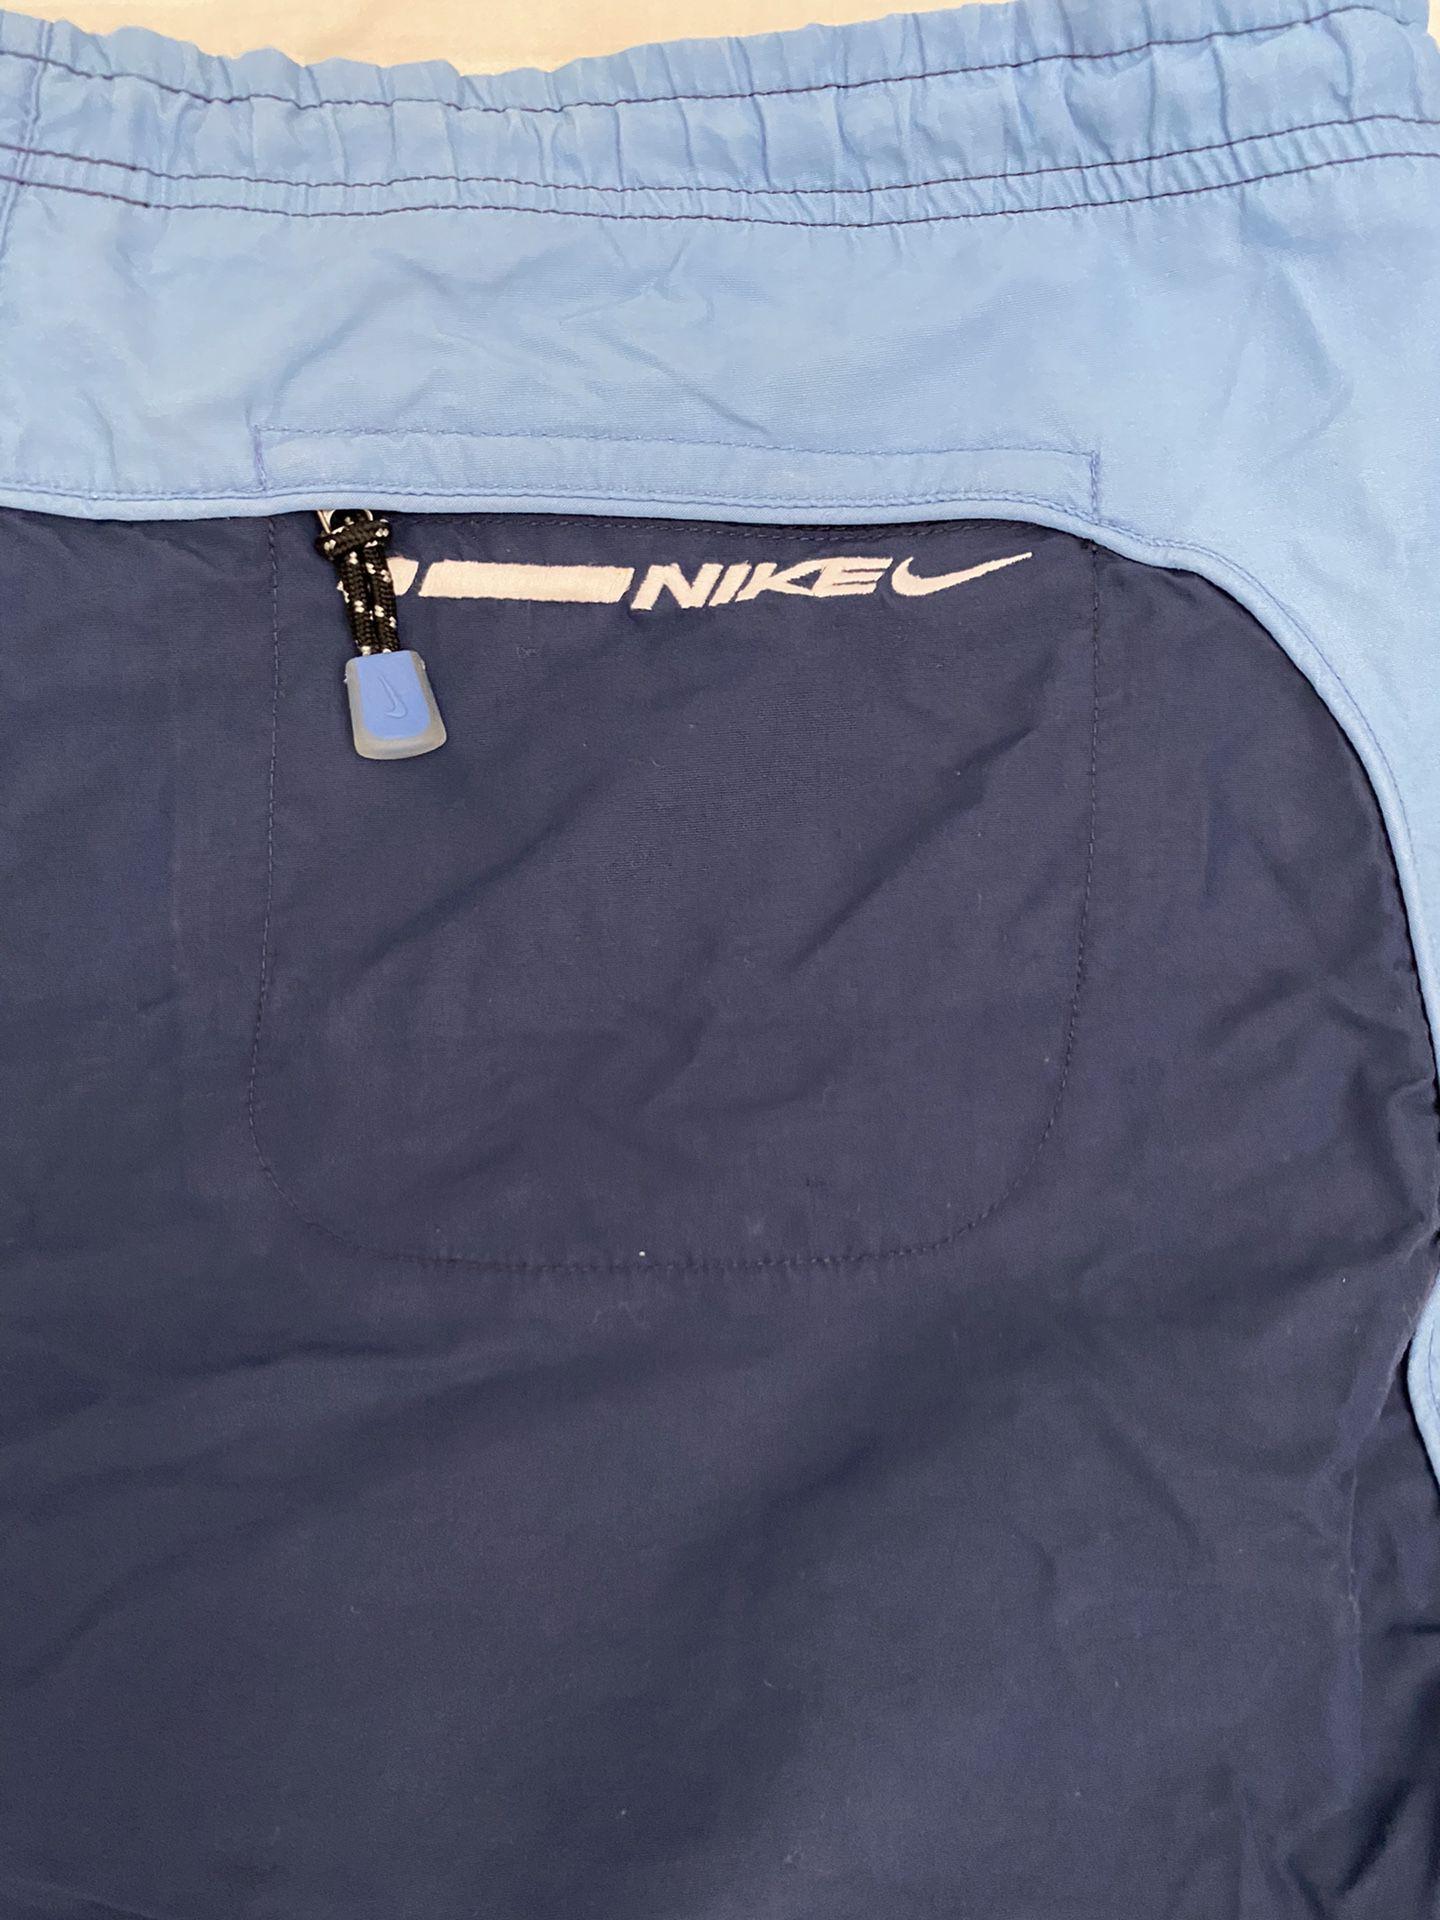 Nike jogger shorts size L